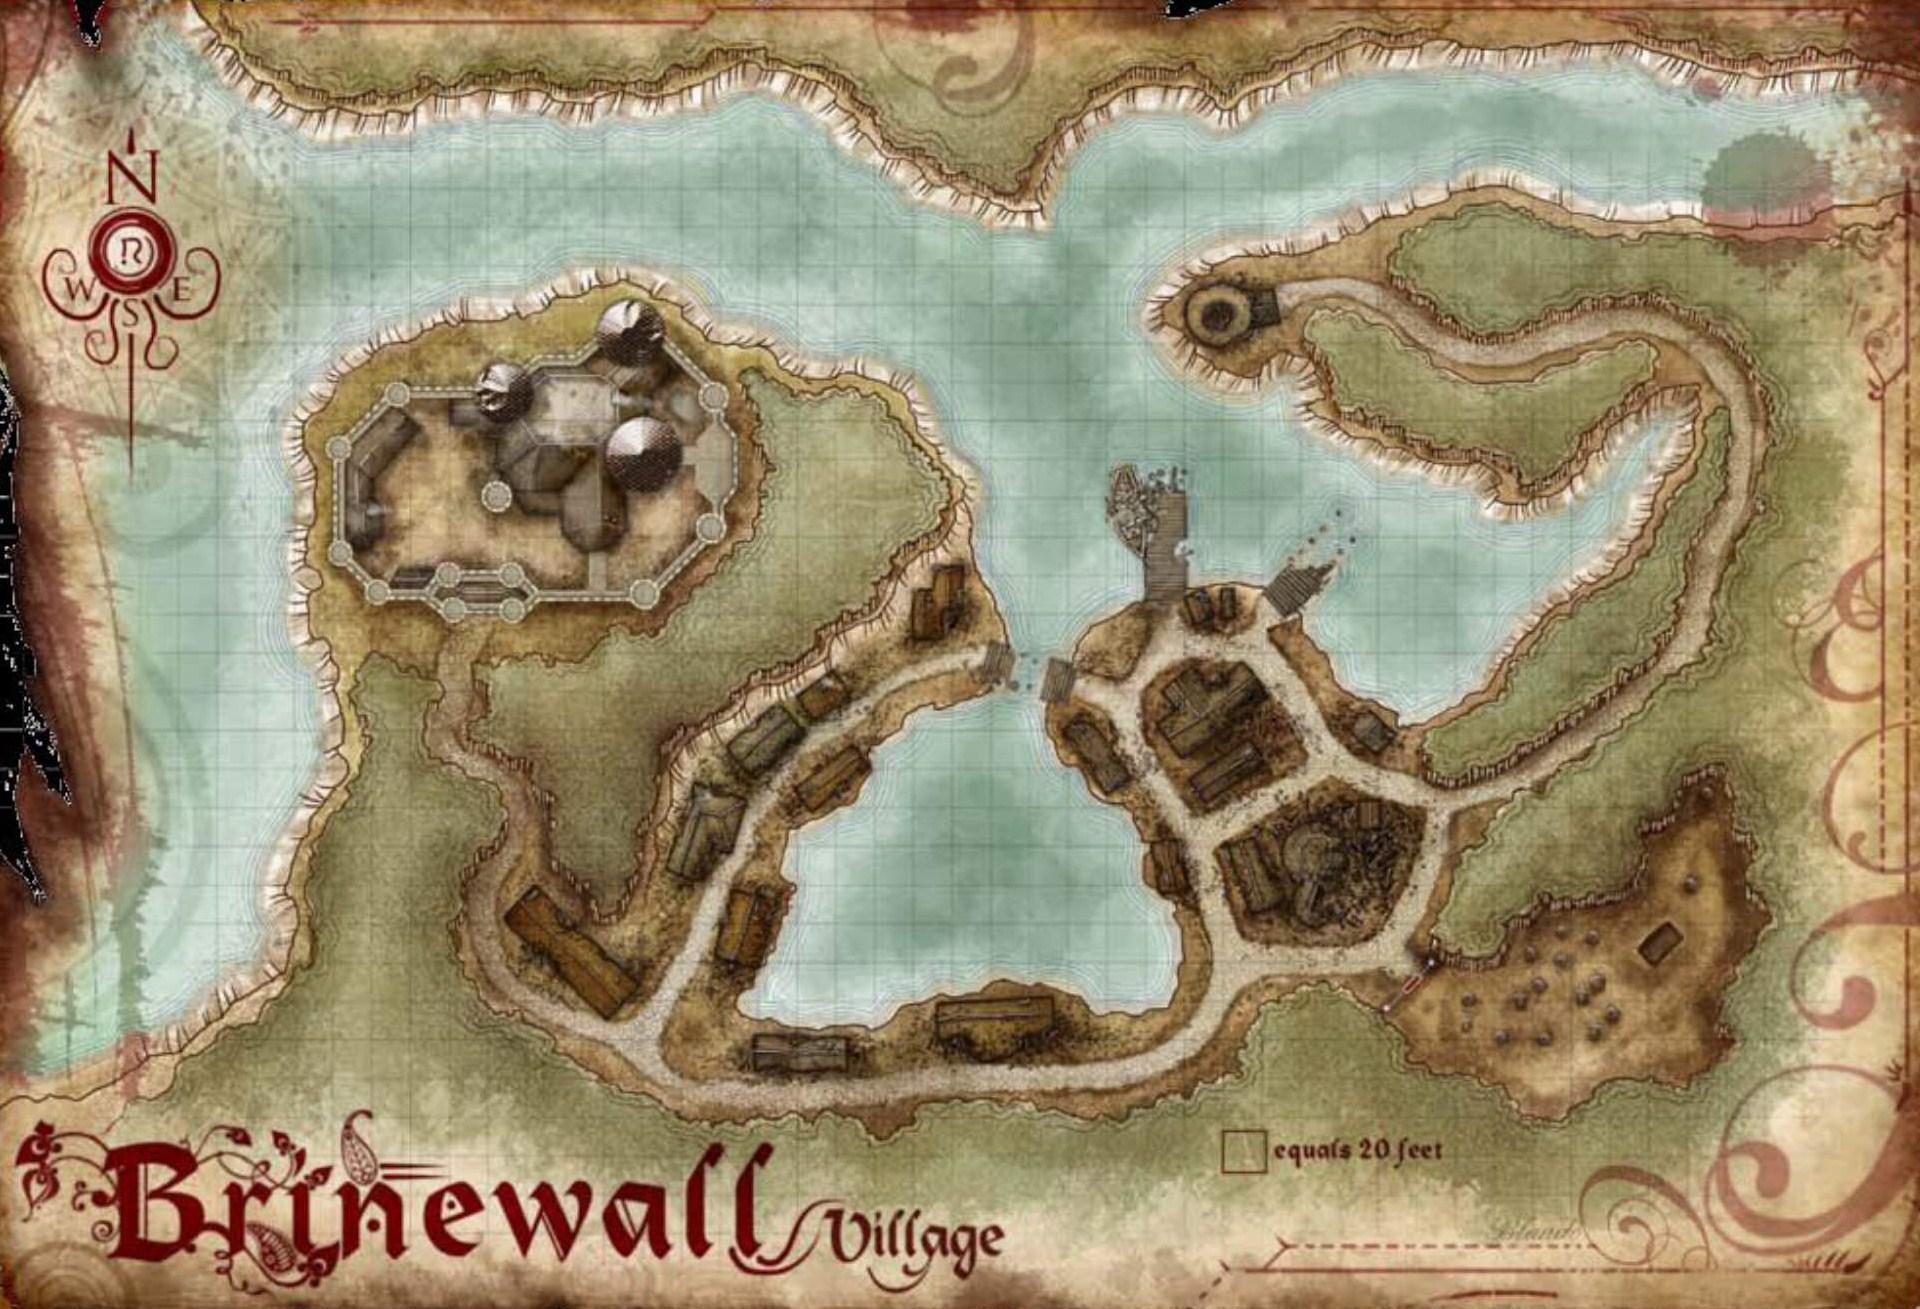 Brinewall